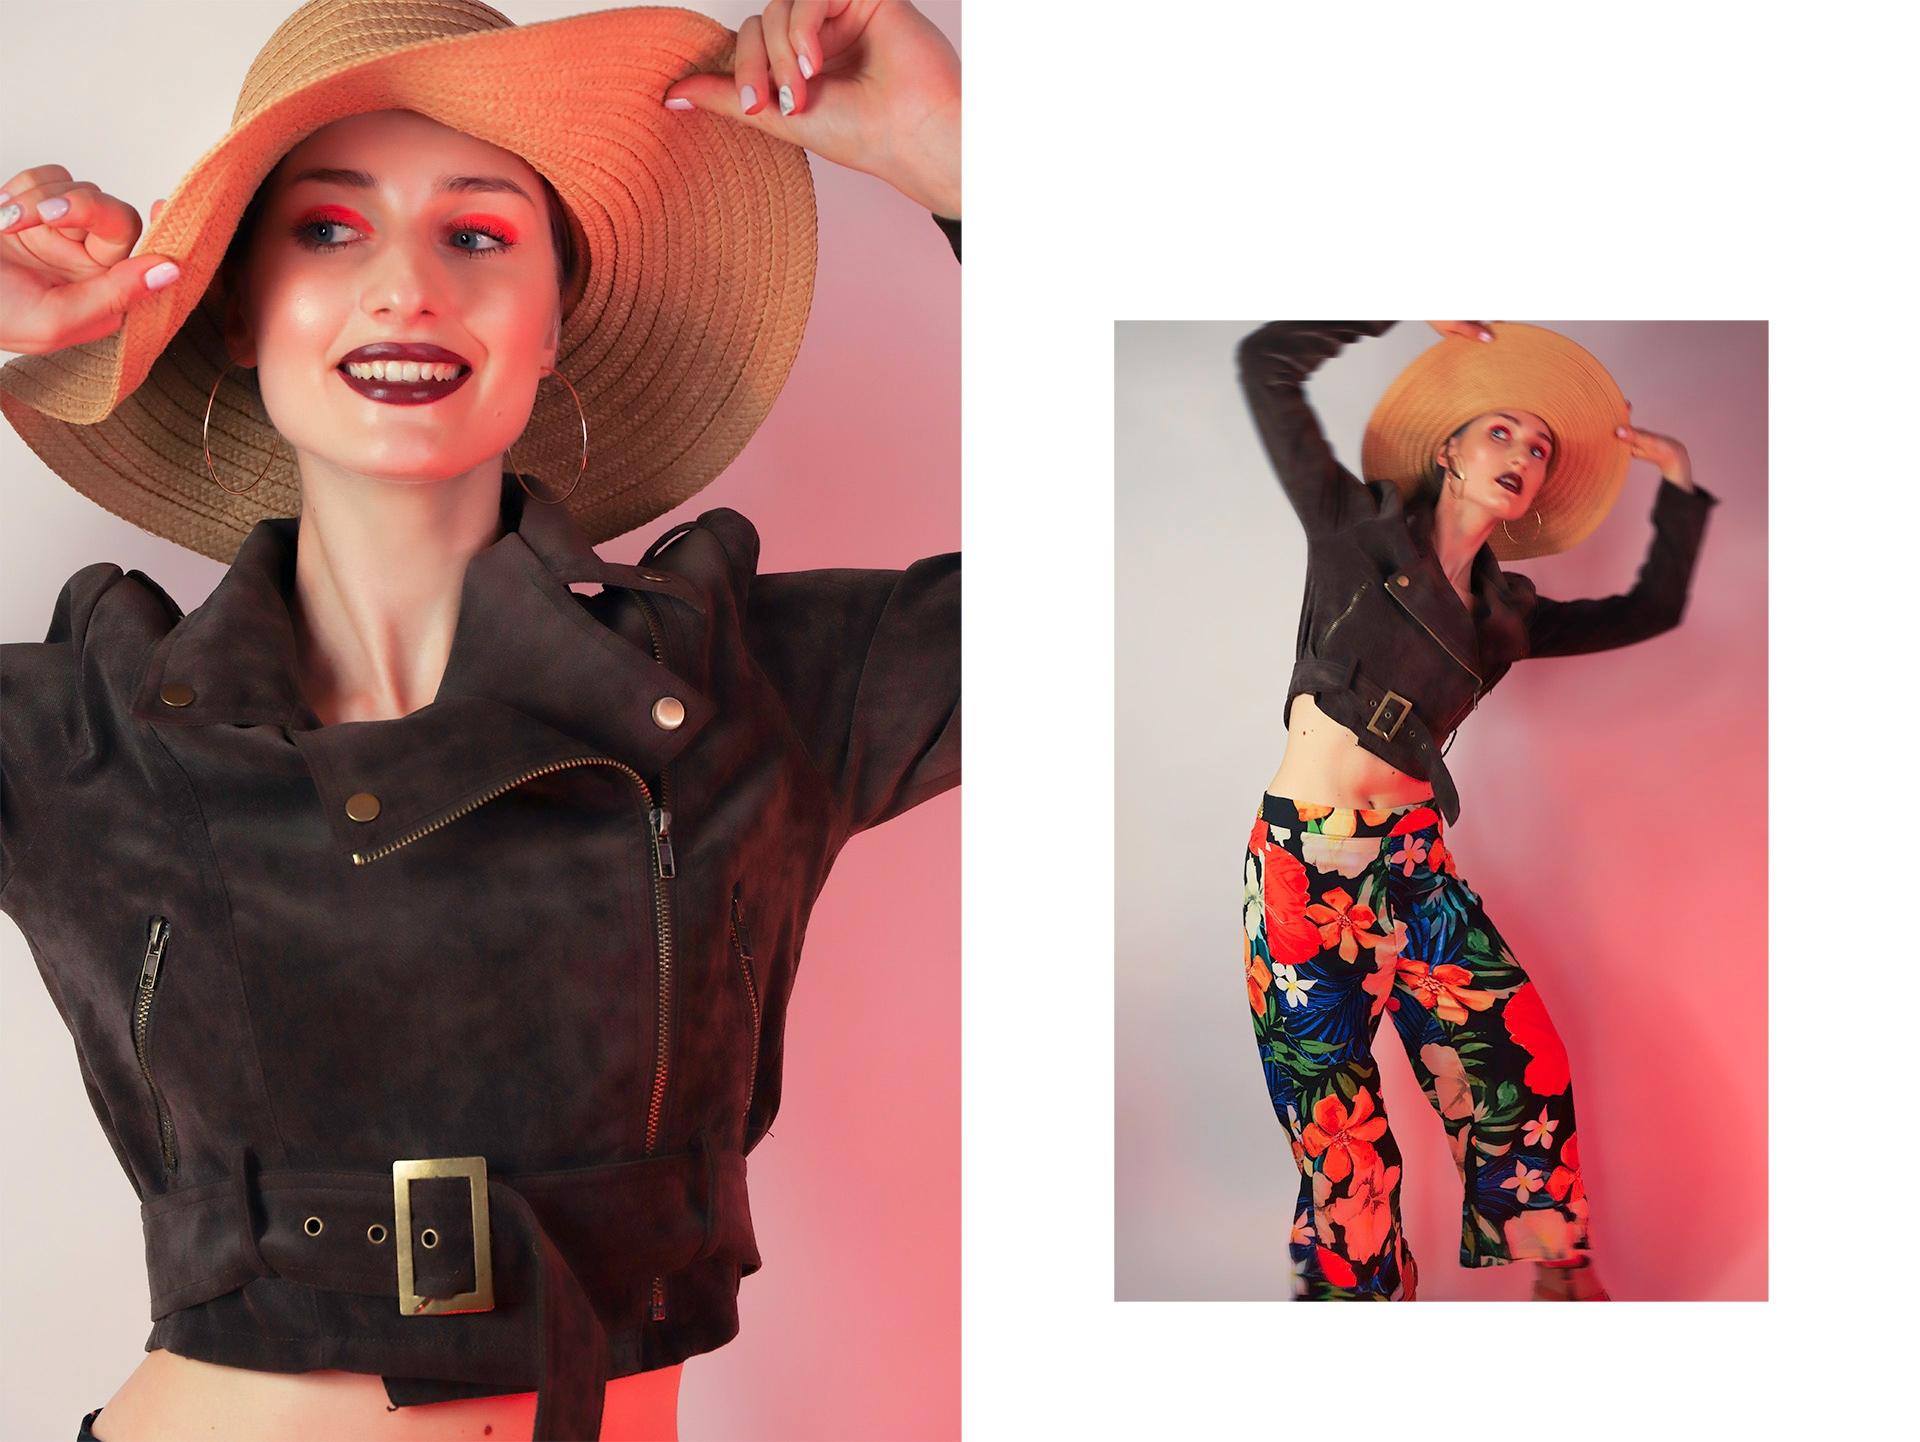 Obraz przedstawia dwa zdjęcia, zdjęcie z lewej strony to portret uśmiechniętej kobiety w kapeluszu, a po prawej stronie widzimy jej całą sylwetkę.